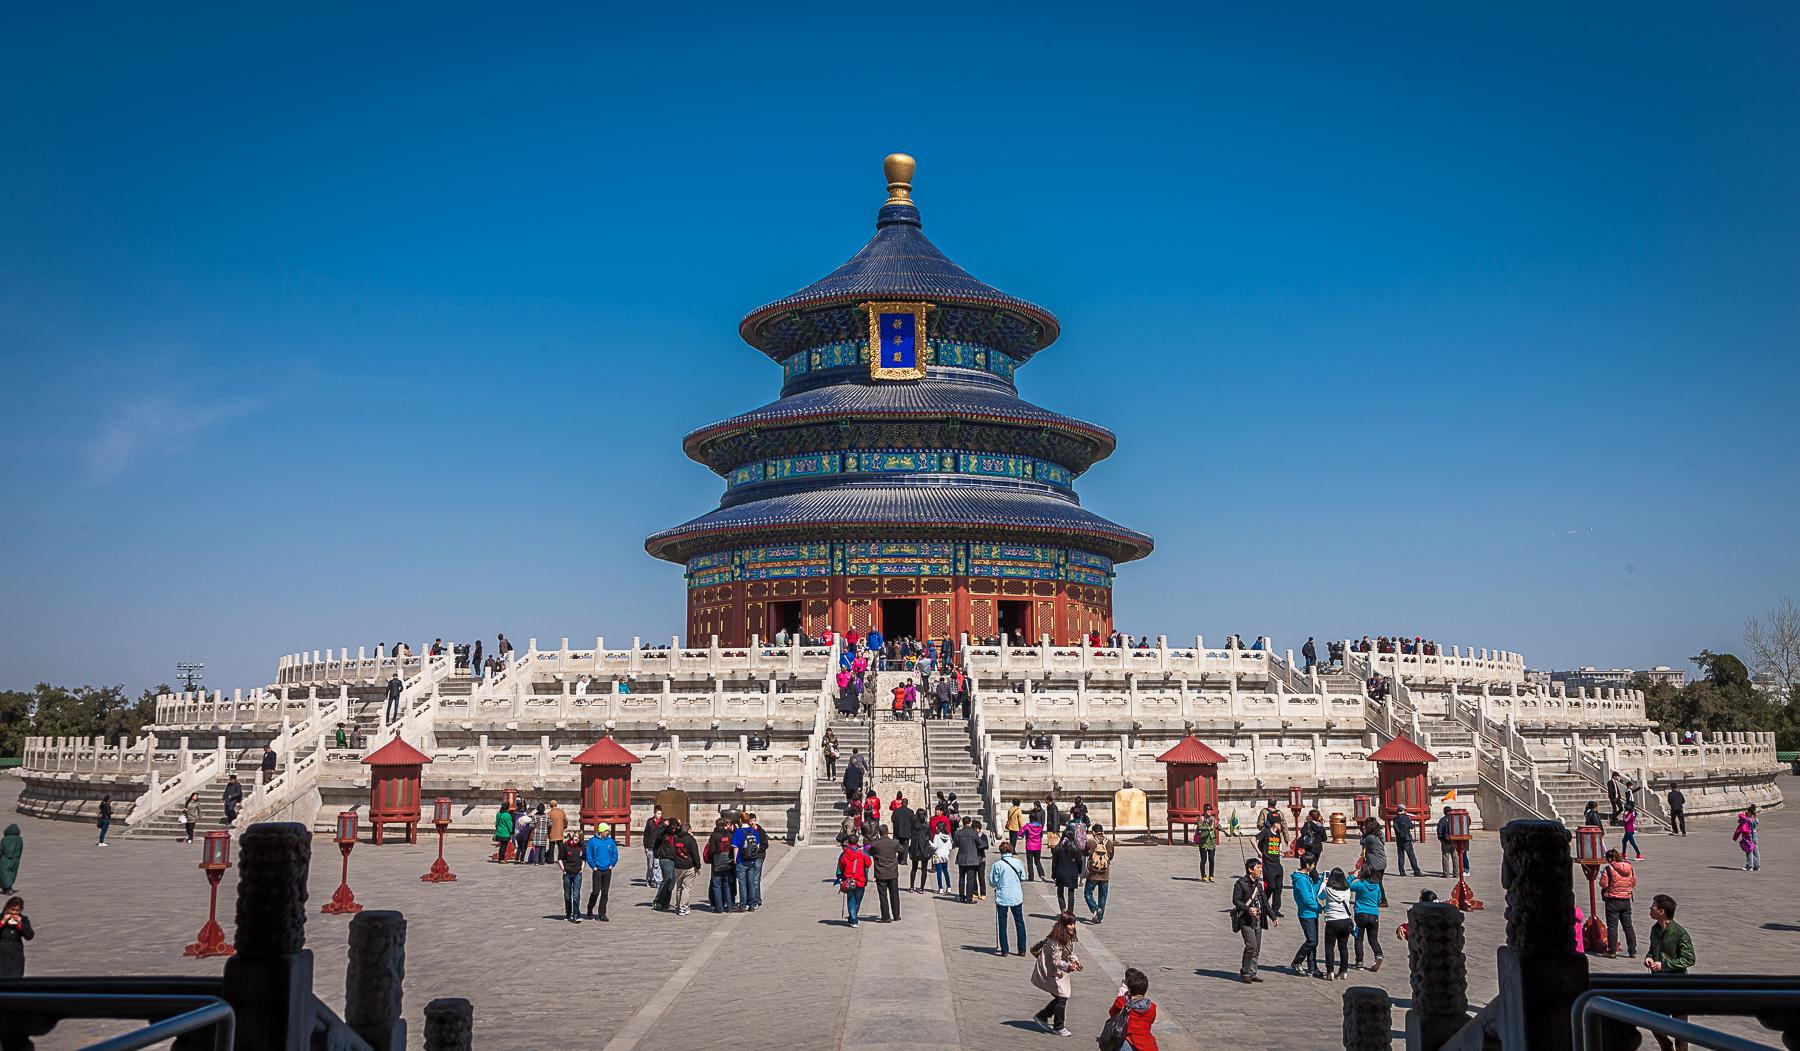 templeofheavenbeijingchina-1.jpg